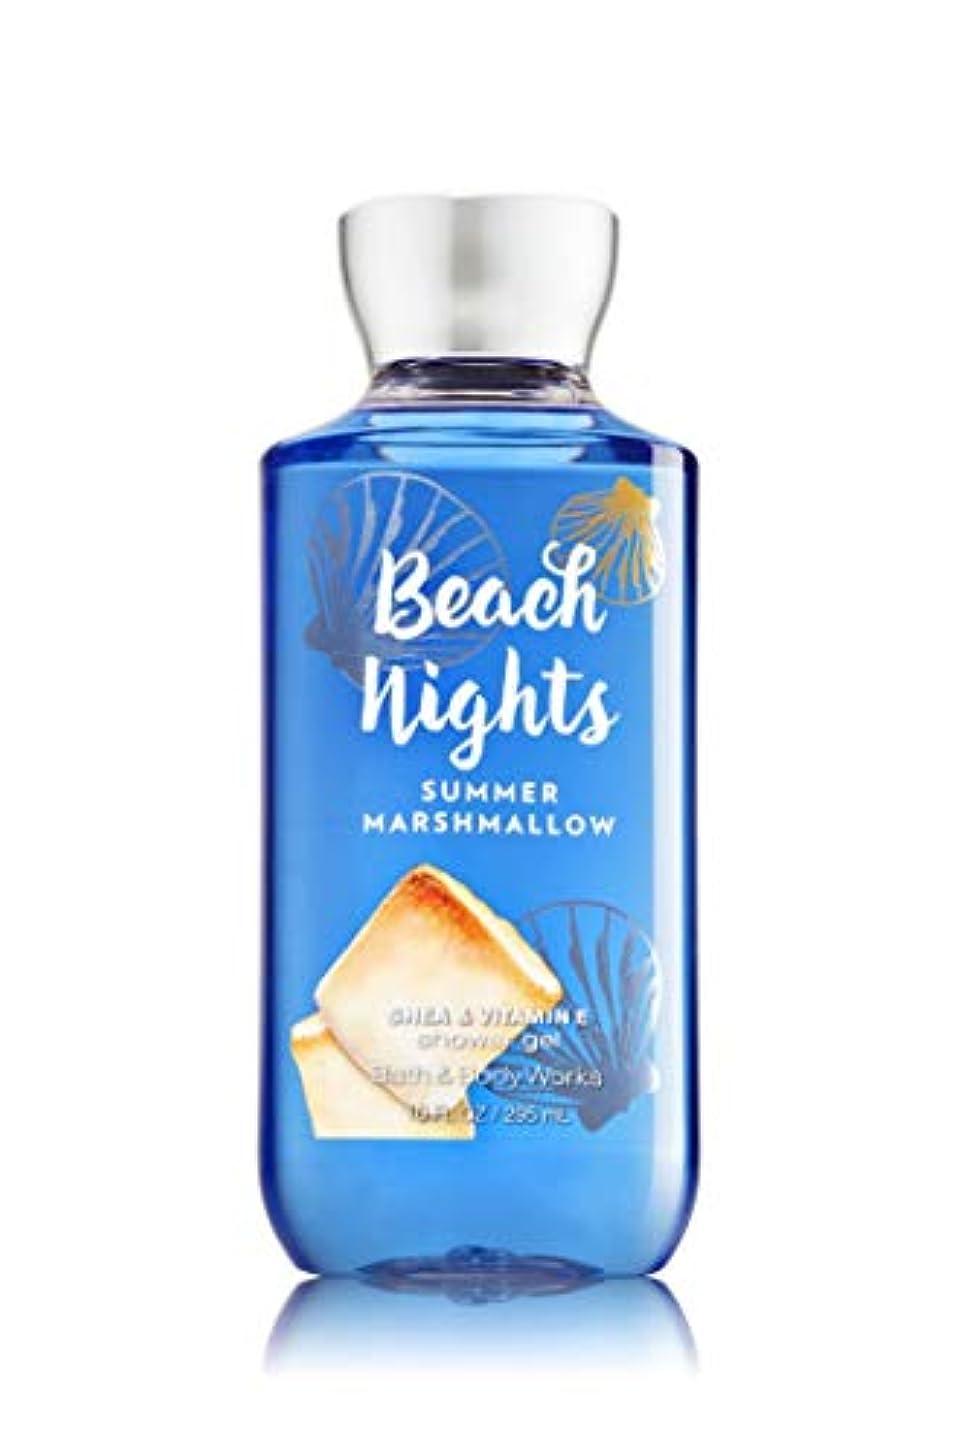 ラックバトル努力【Bath&Body Works/バス&ボディワークス】 シャワージェル サマーマシュマロ Shower Gel Beach Nights Summer Marshmallow 10 fl oz / 295 mL [並行輸入品]